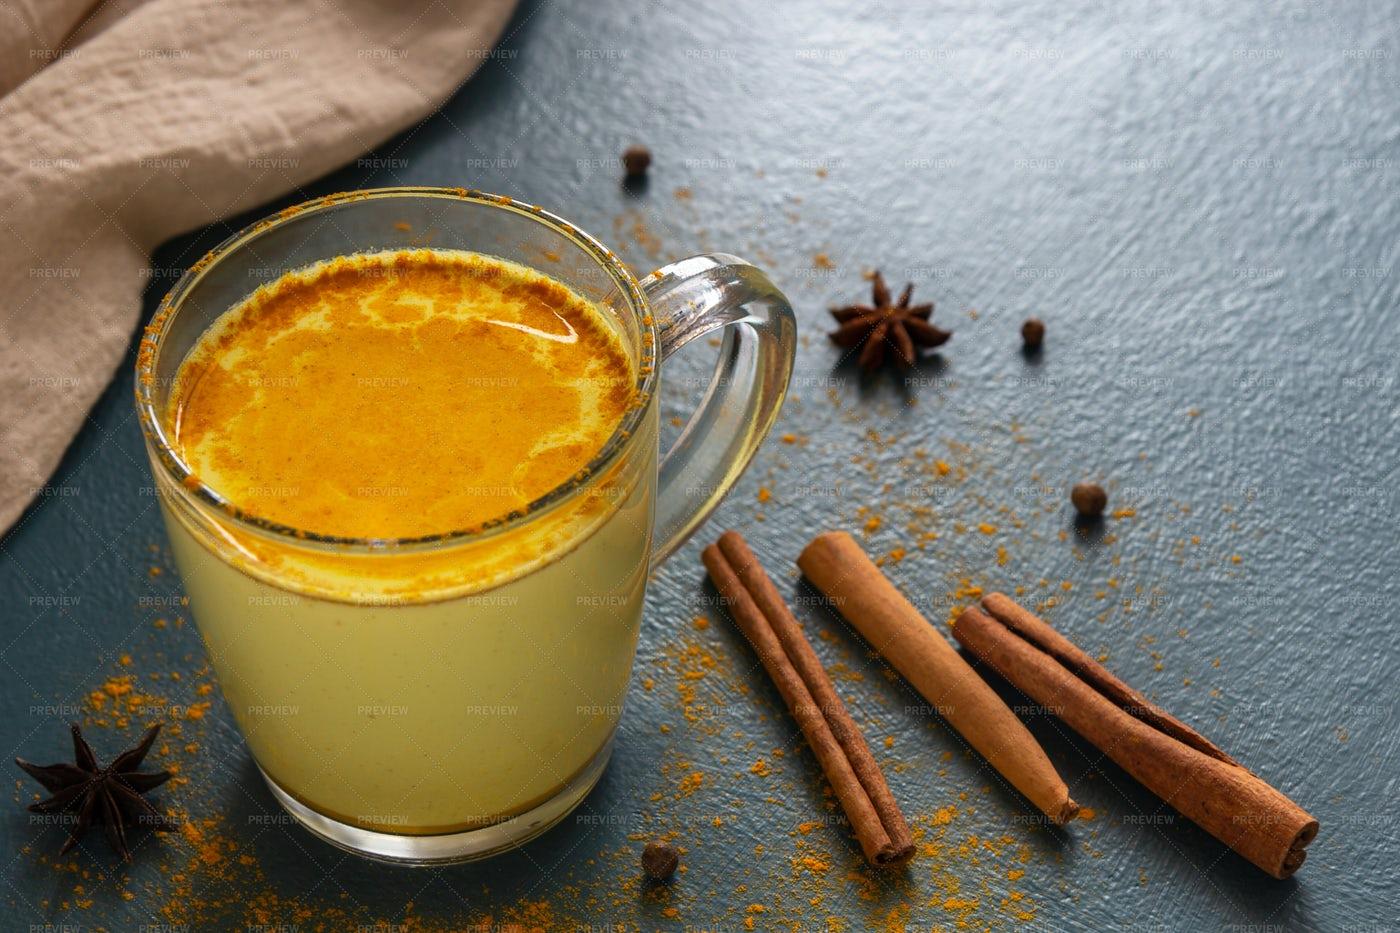 Indian Golden Milk: Stock Photos